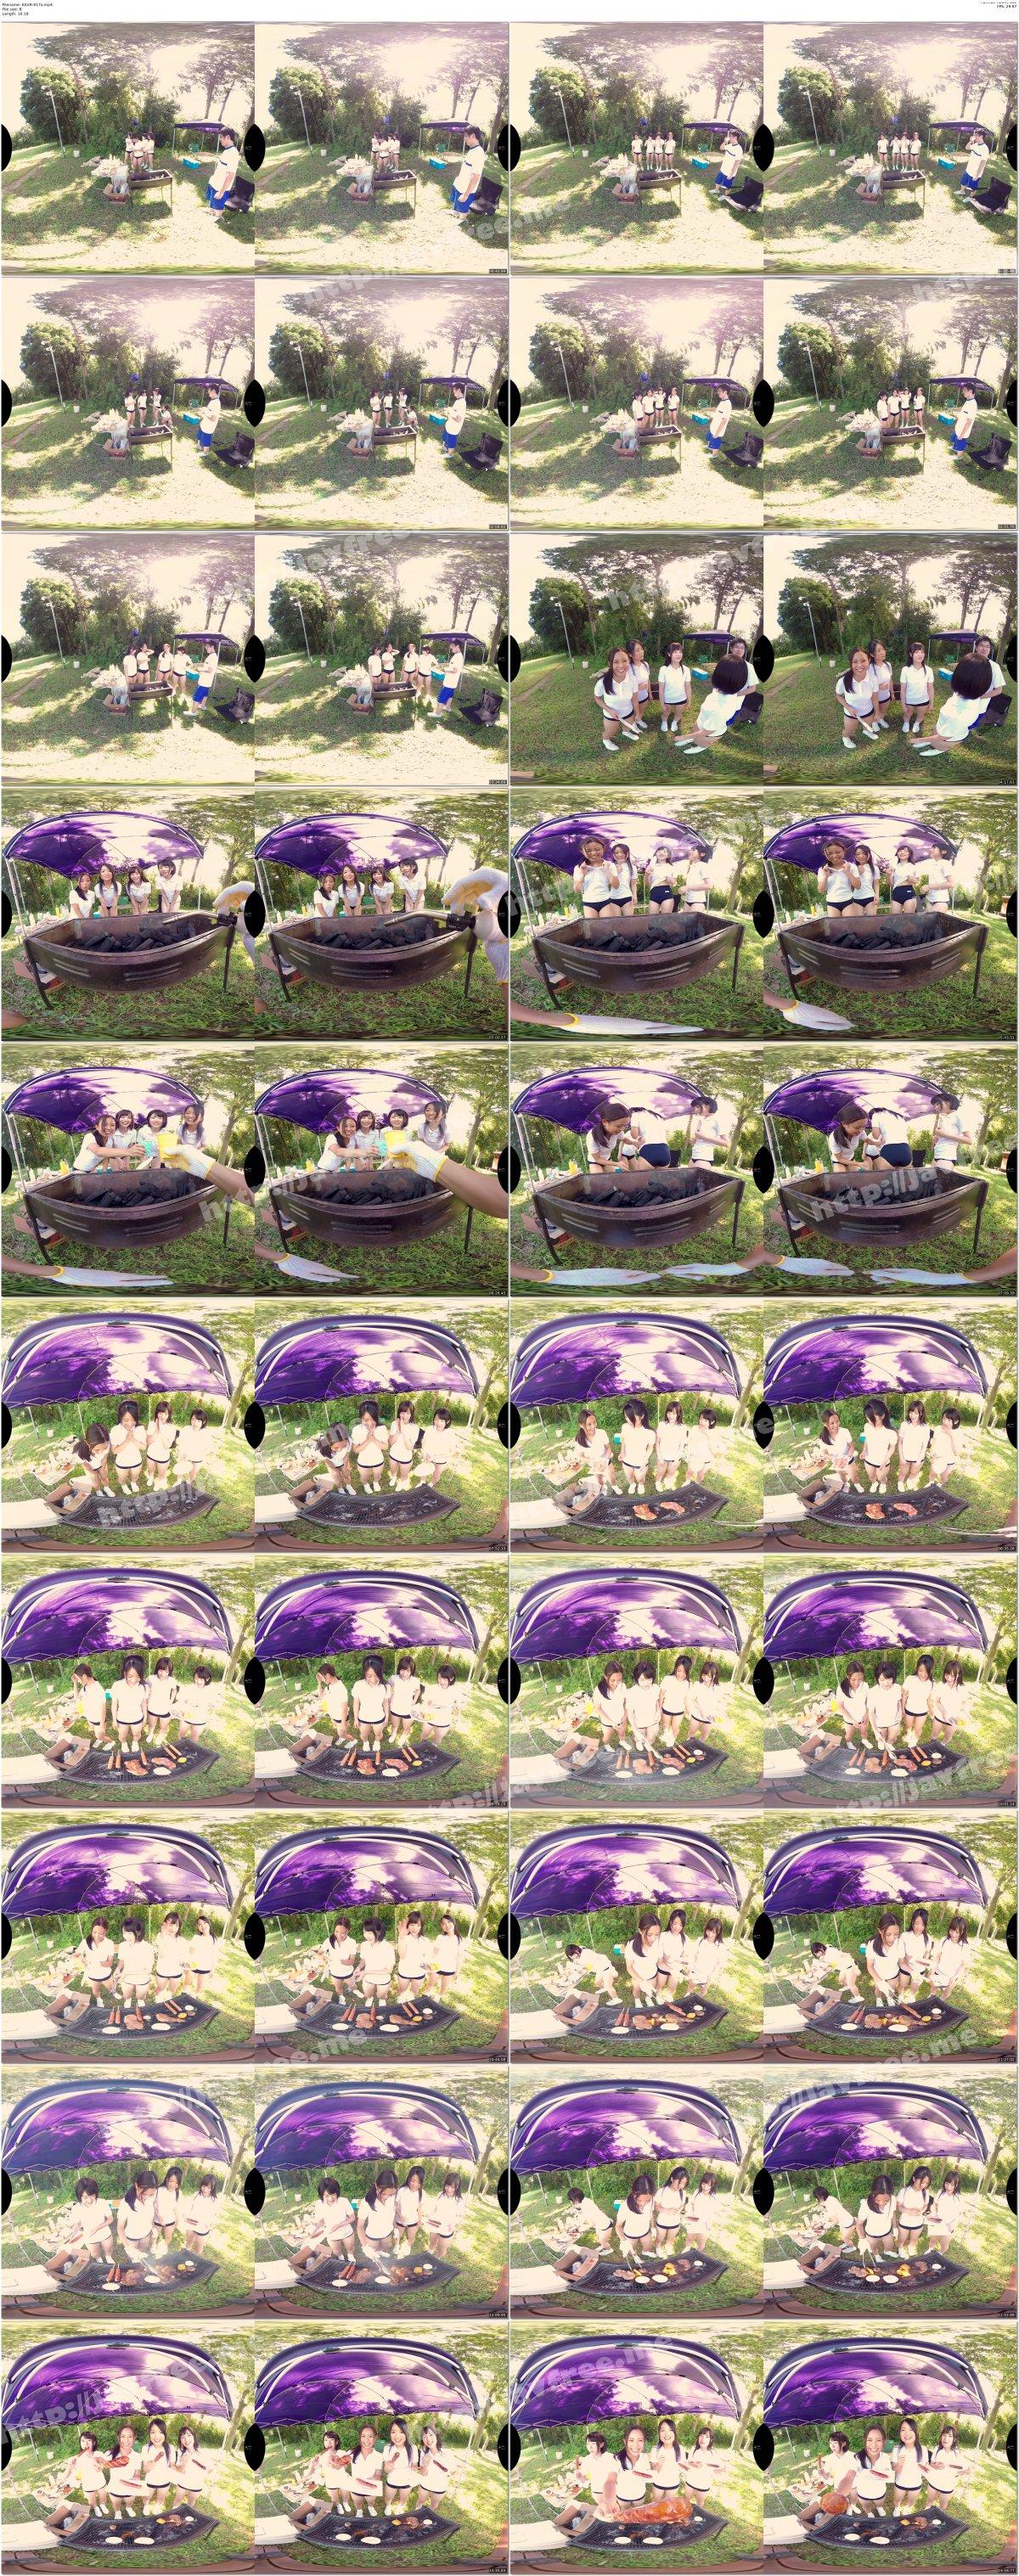 [KAVR-017] 【VR】デカ尻ブルマ女子と部活合宿VR バレー部のむっちり肉厚ヒップを超堪能!ド迫力ハーレムSEX体験 - image KAVR-017a on https://javfree.me